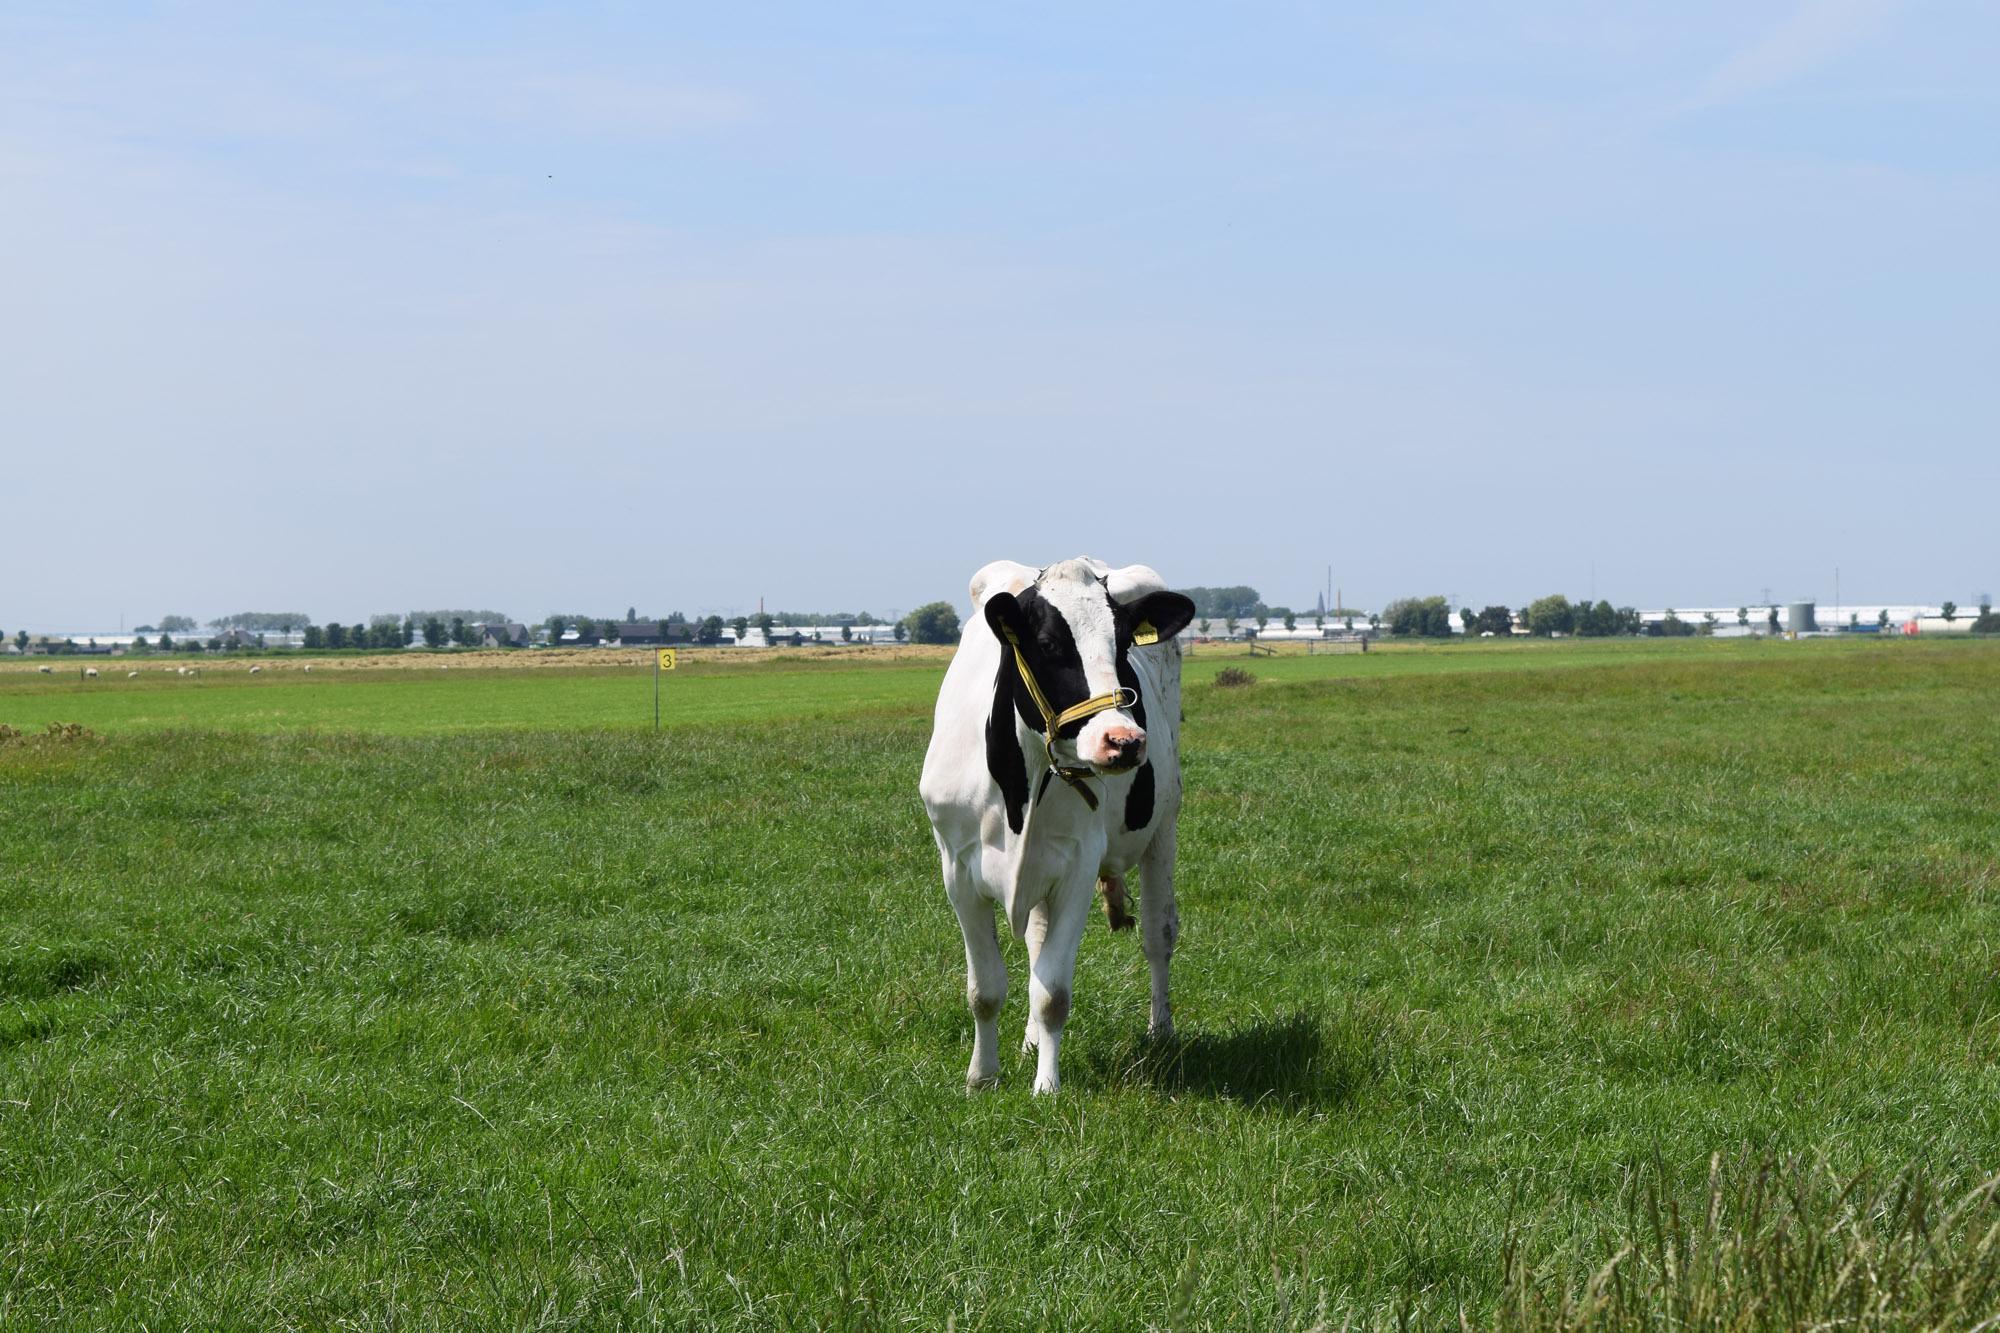 A2 melk koe in het weiland